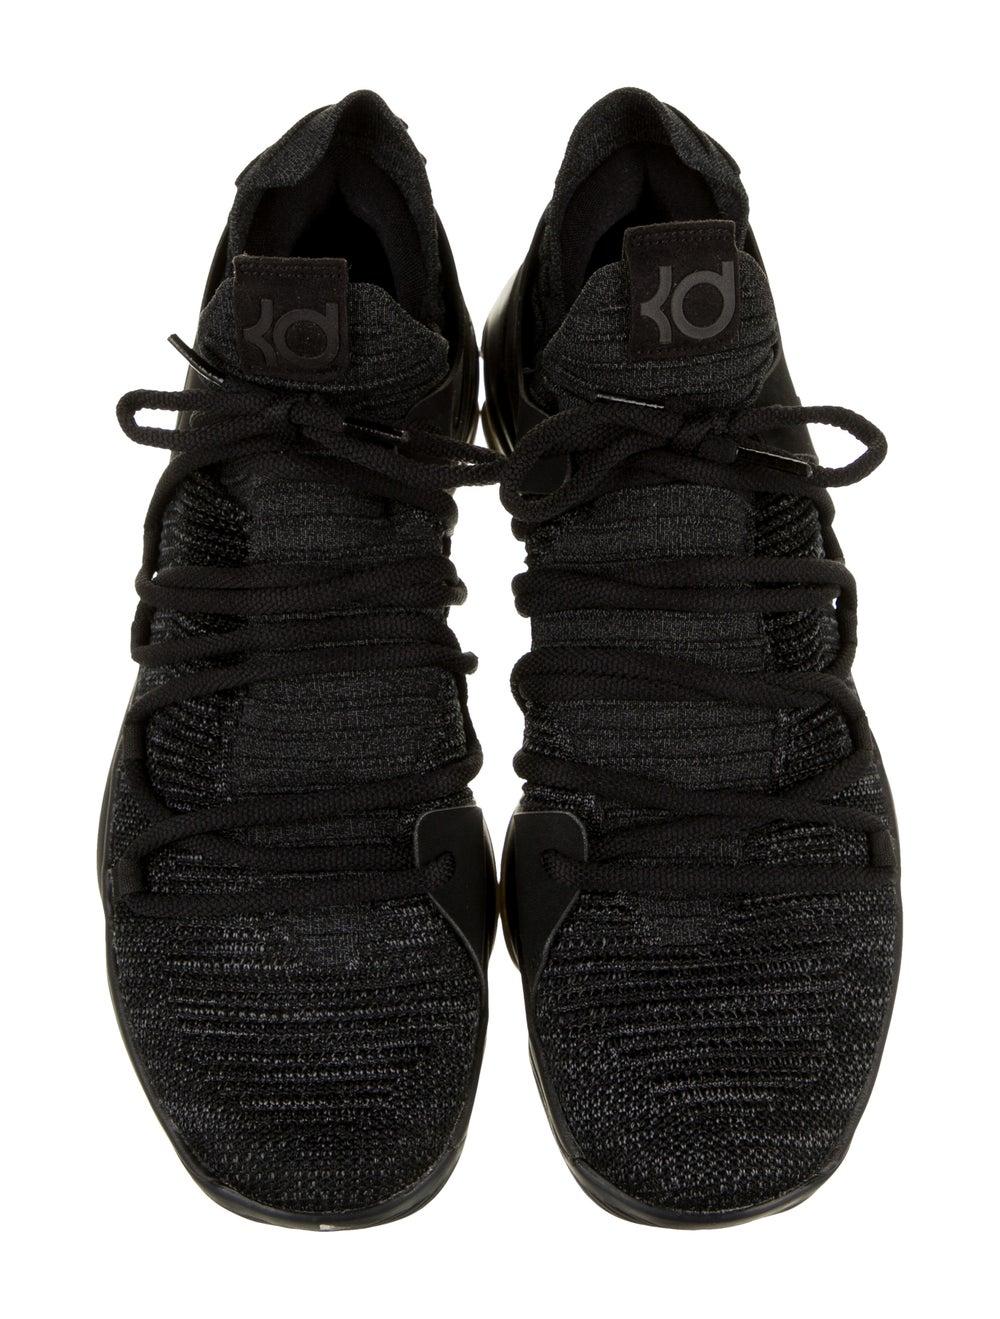 Nike Sneakers Black - image 3